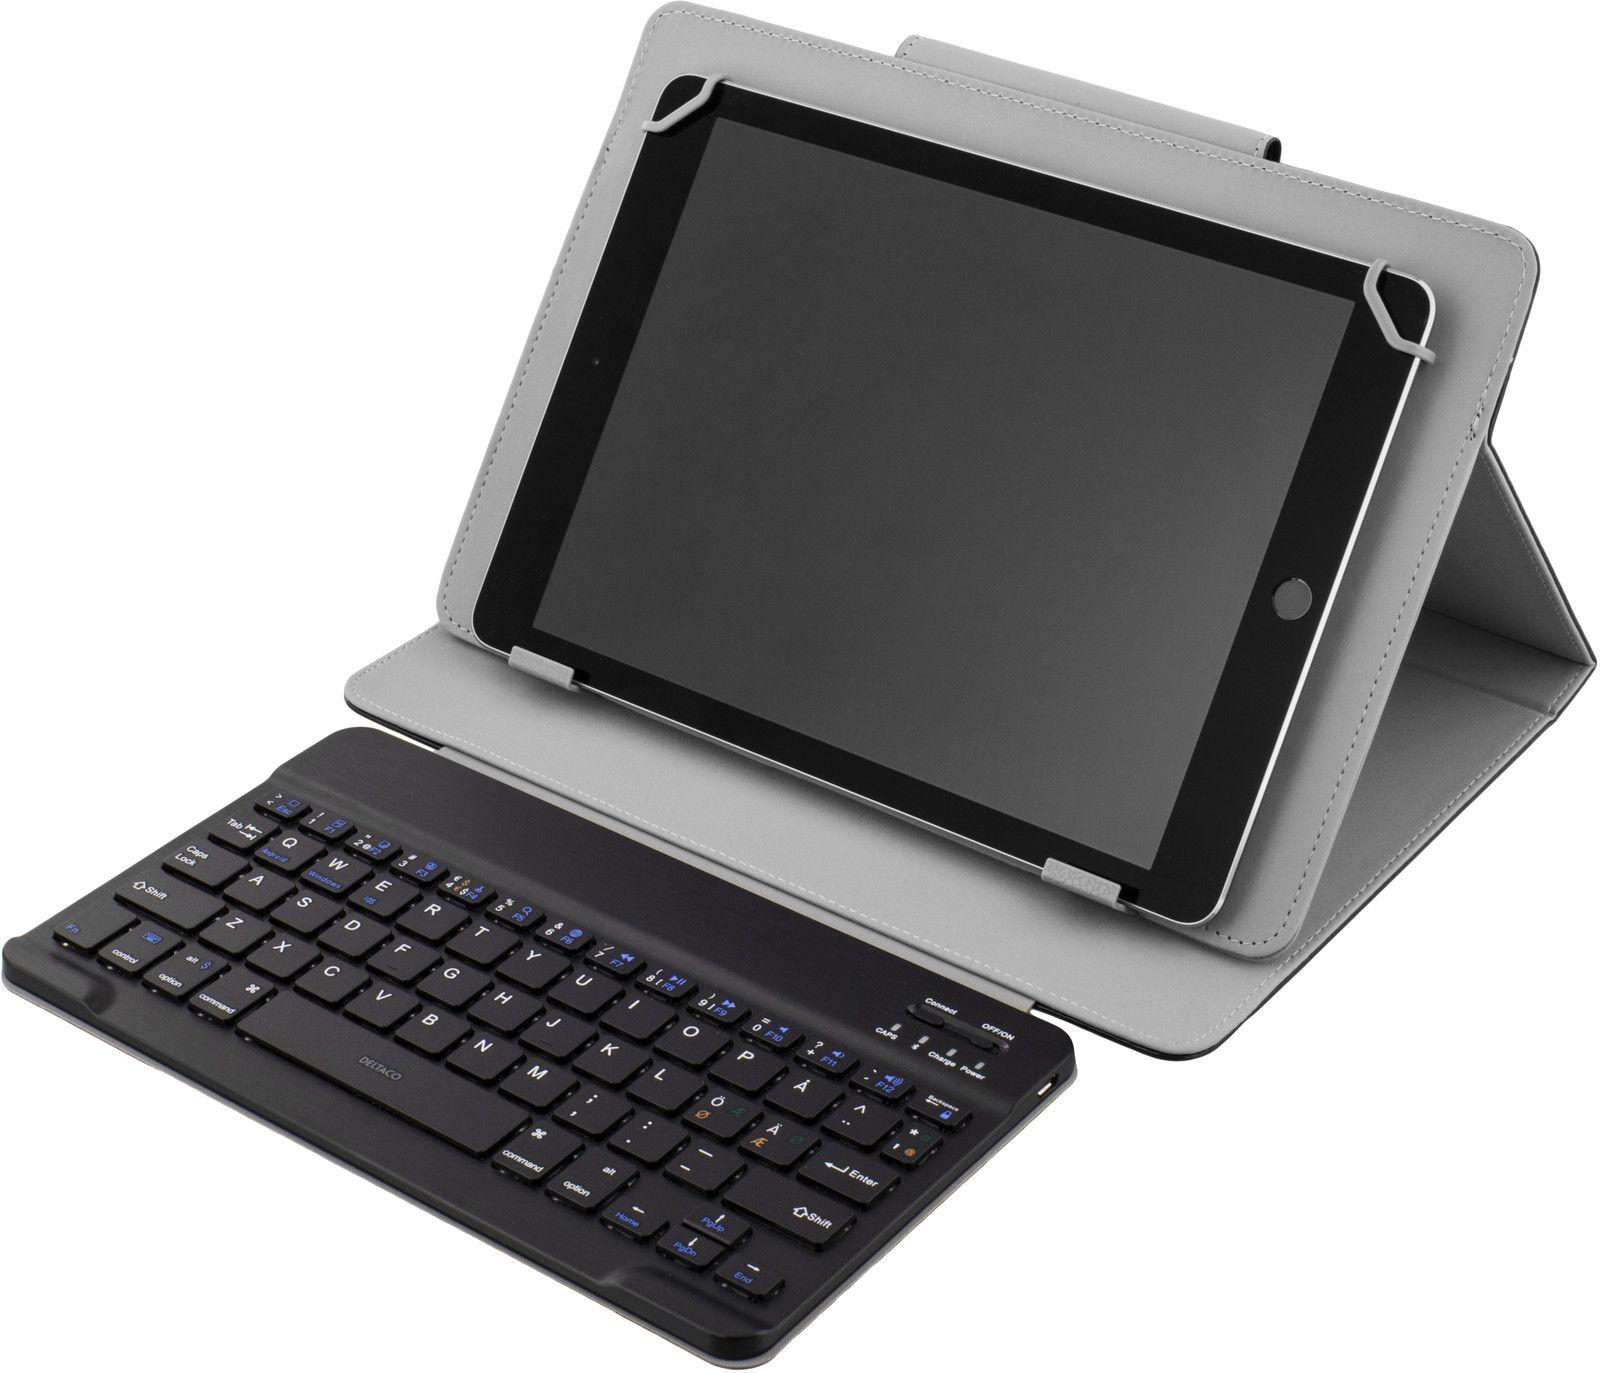 Deltaco Fodral med Tangentbord (iPad) - iPhonebutiken.se 42d3e3ac48159